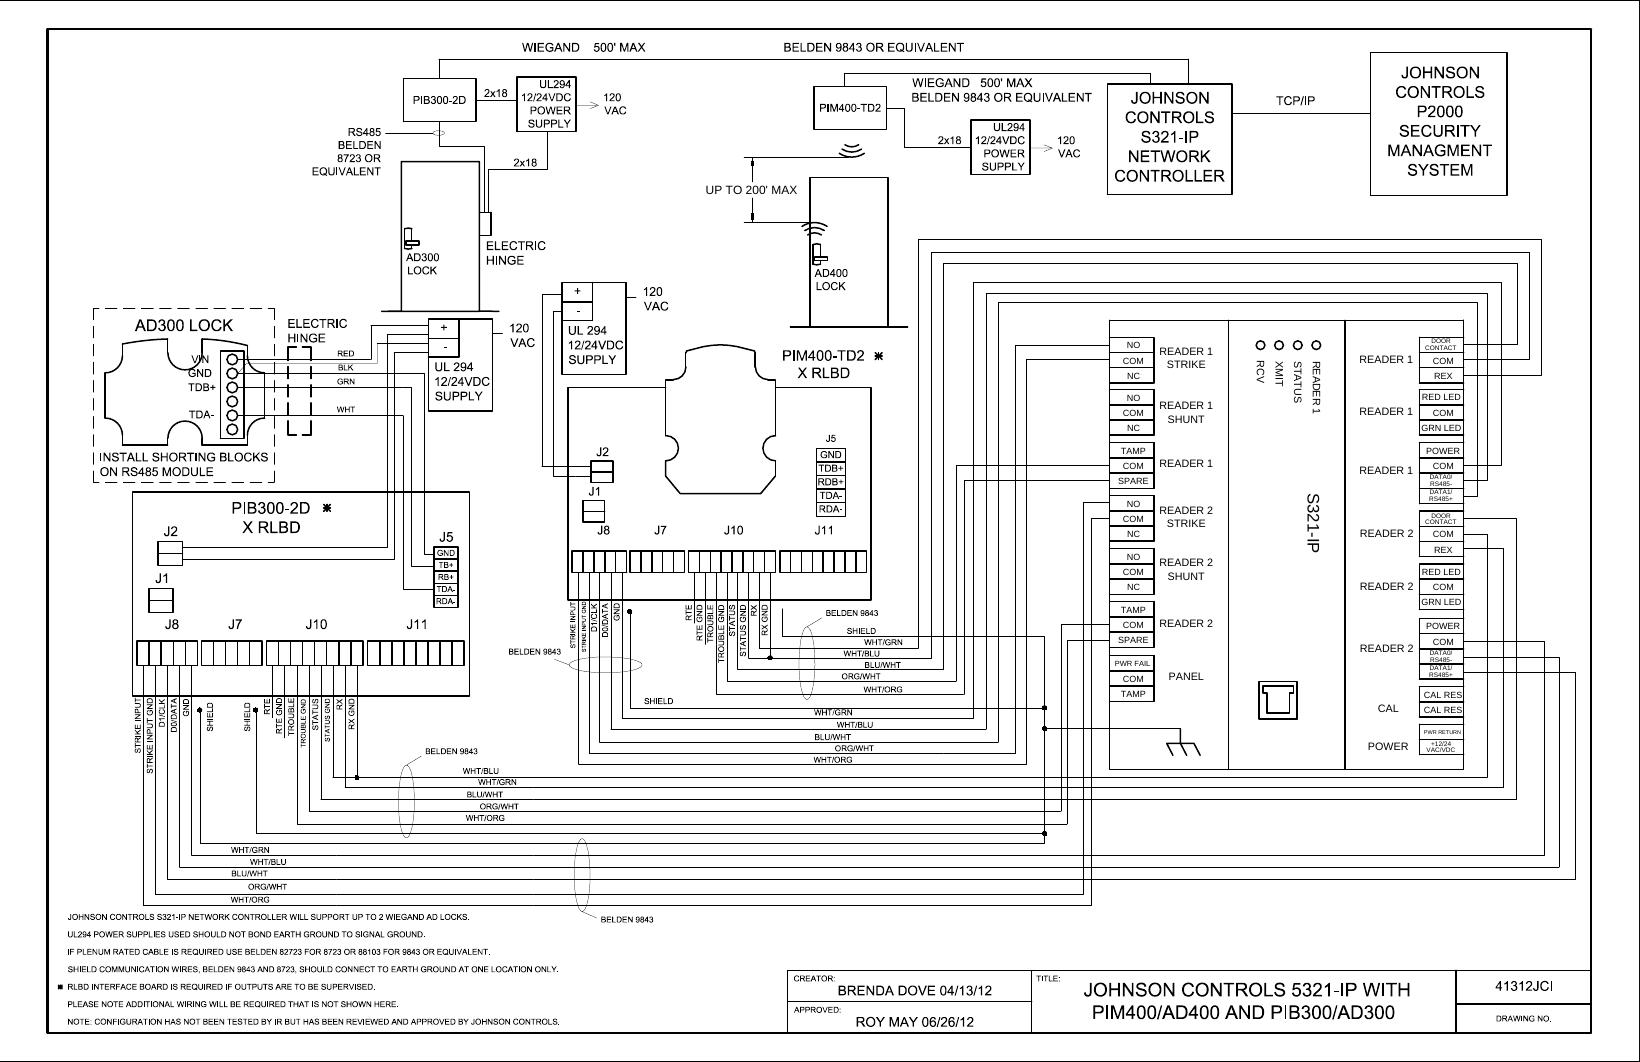 schlage ad300 wiring diagram